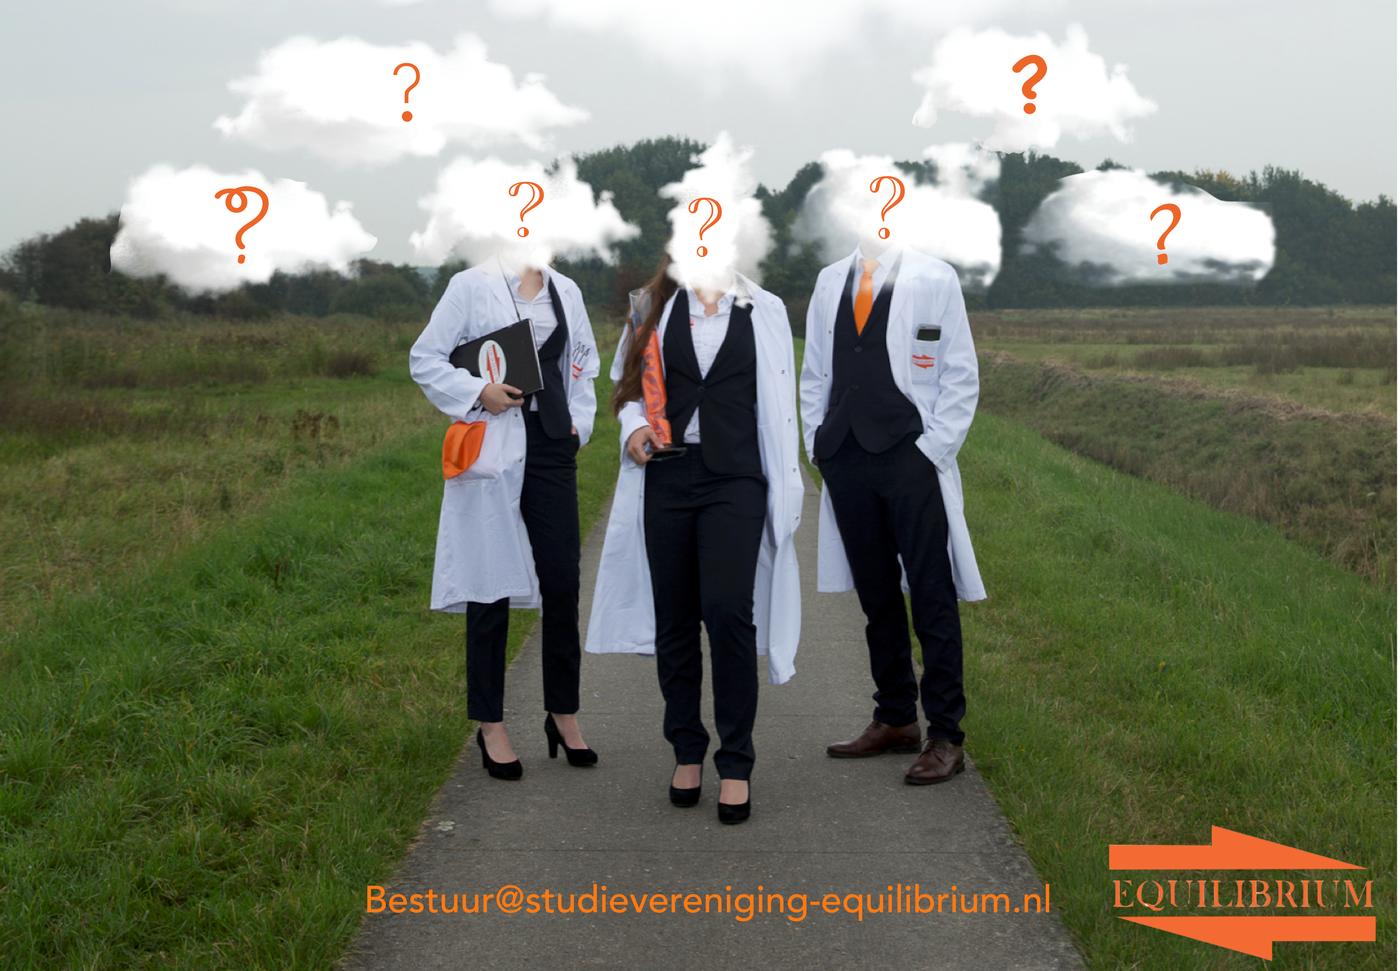 Equilibrium zoekt nieuw bestuur  voor collegejaar 2018-2019!!